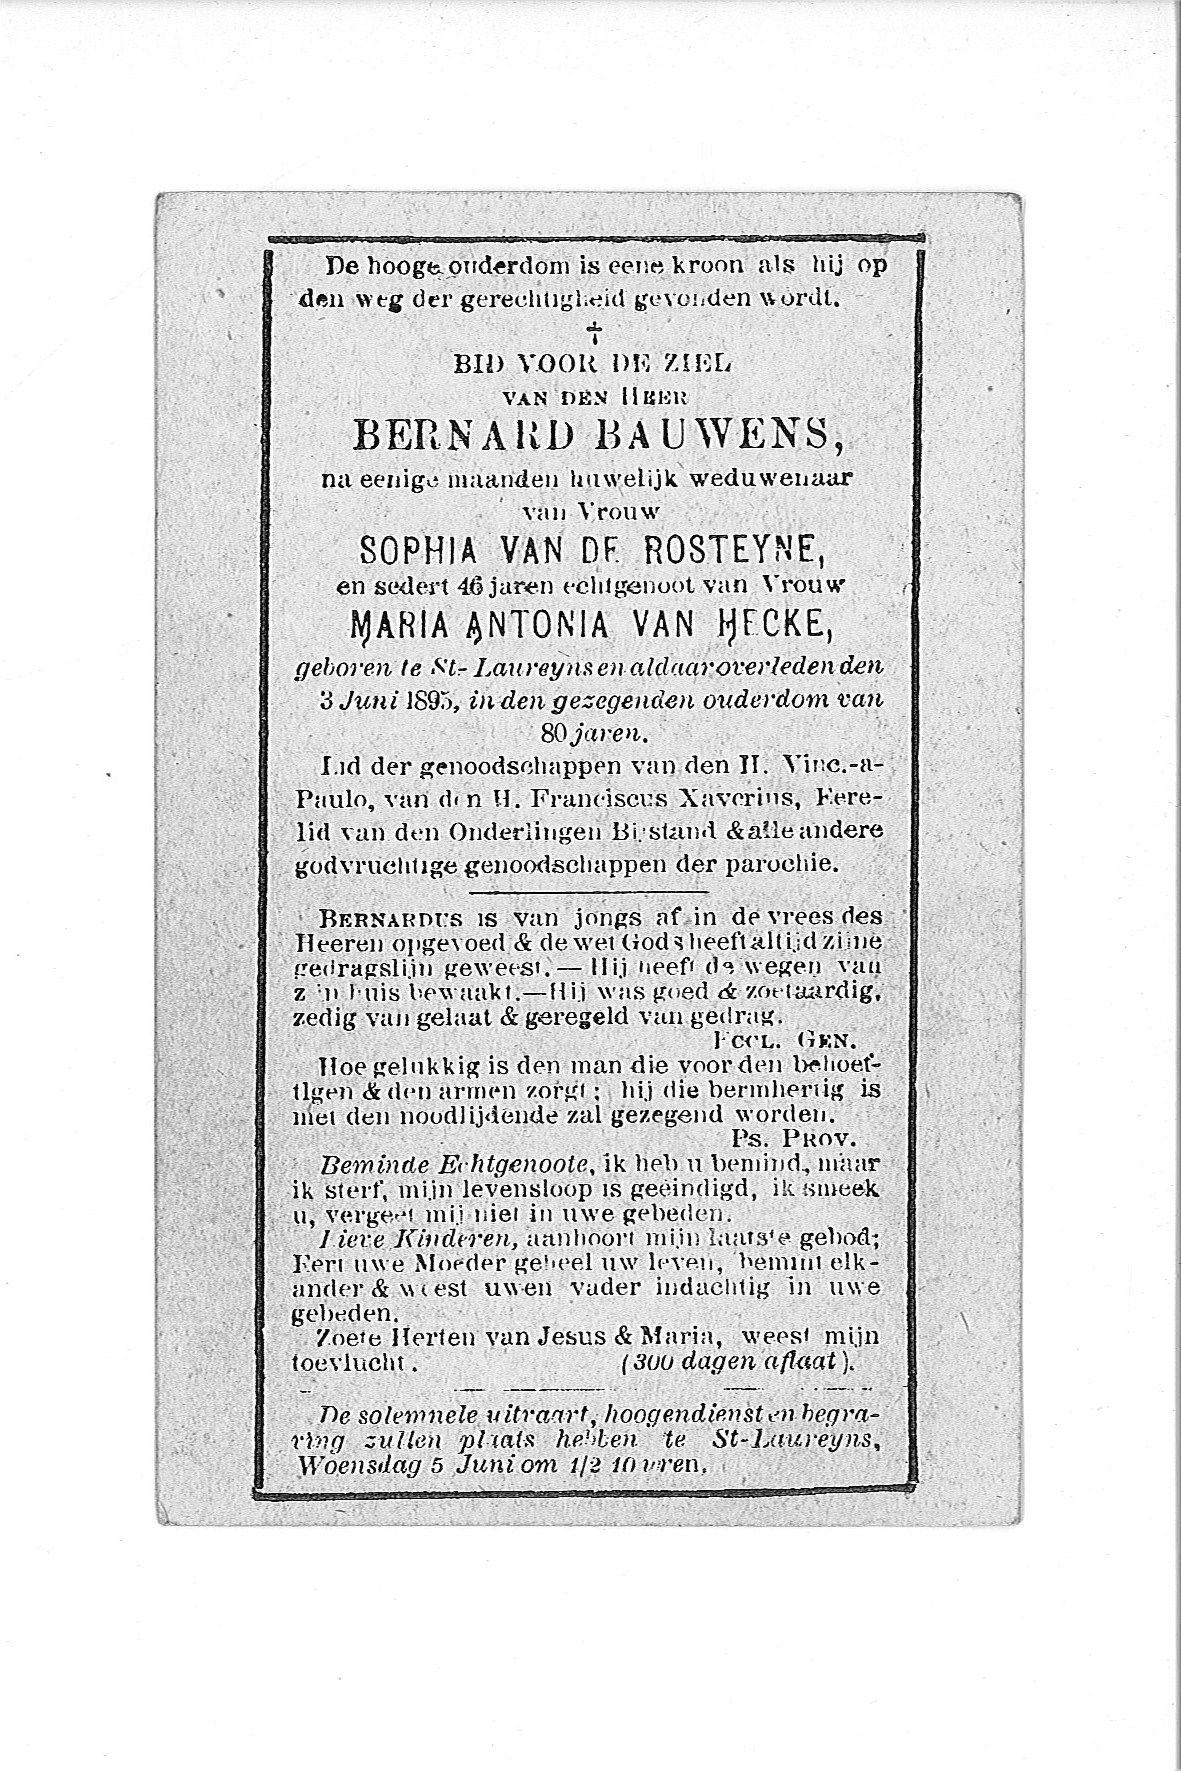 bernard(1896)-20090115103141_00045.jpg